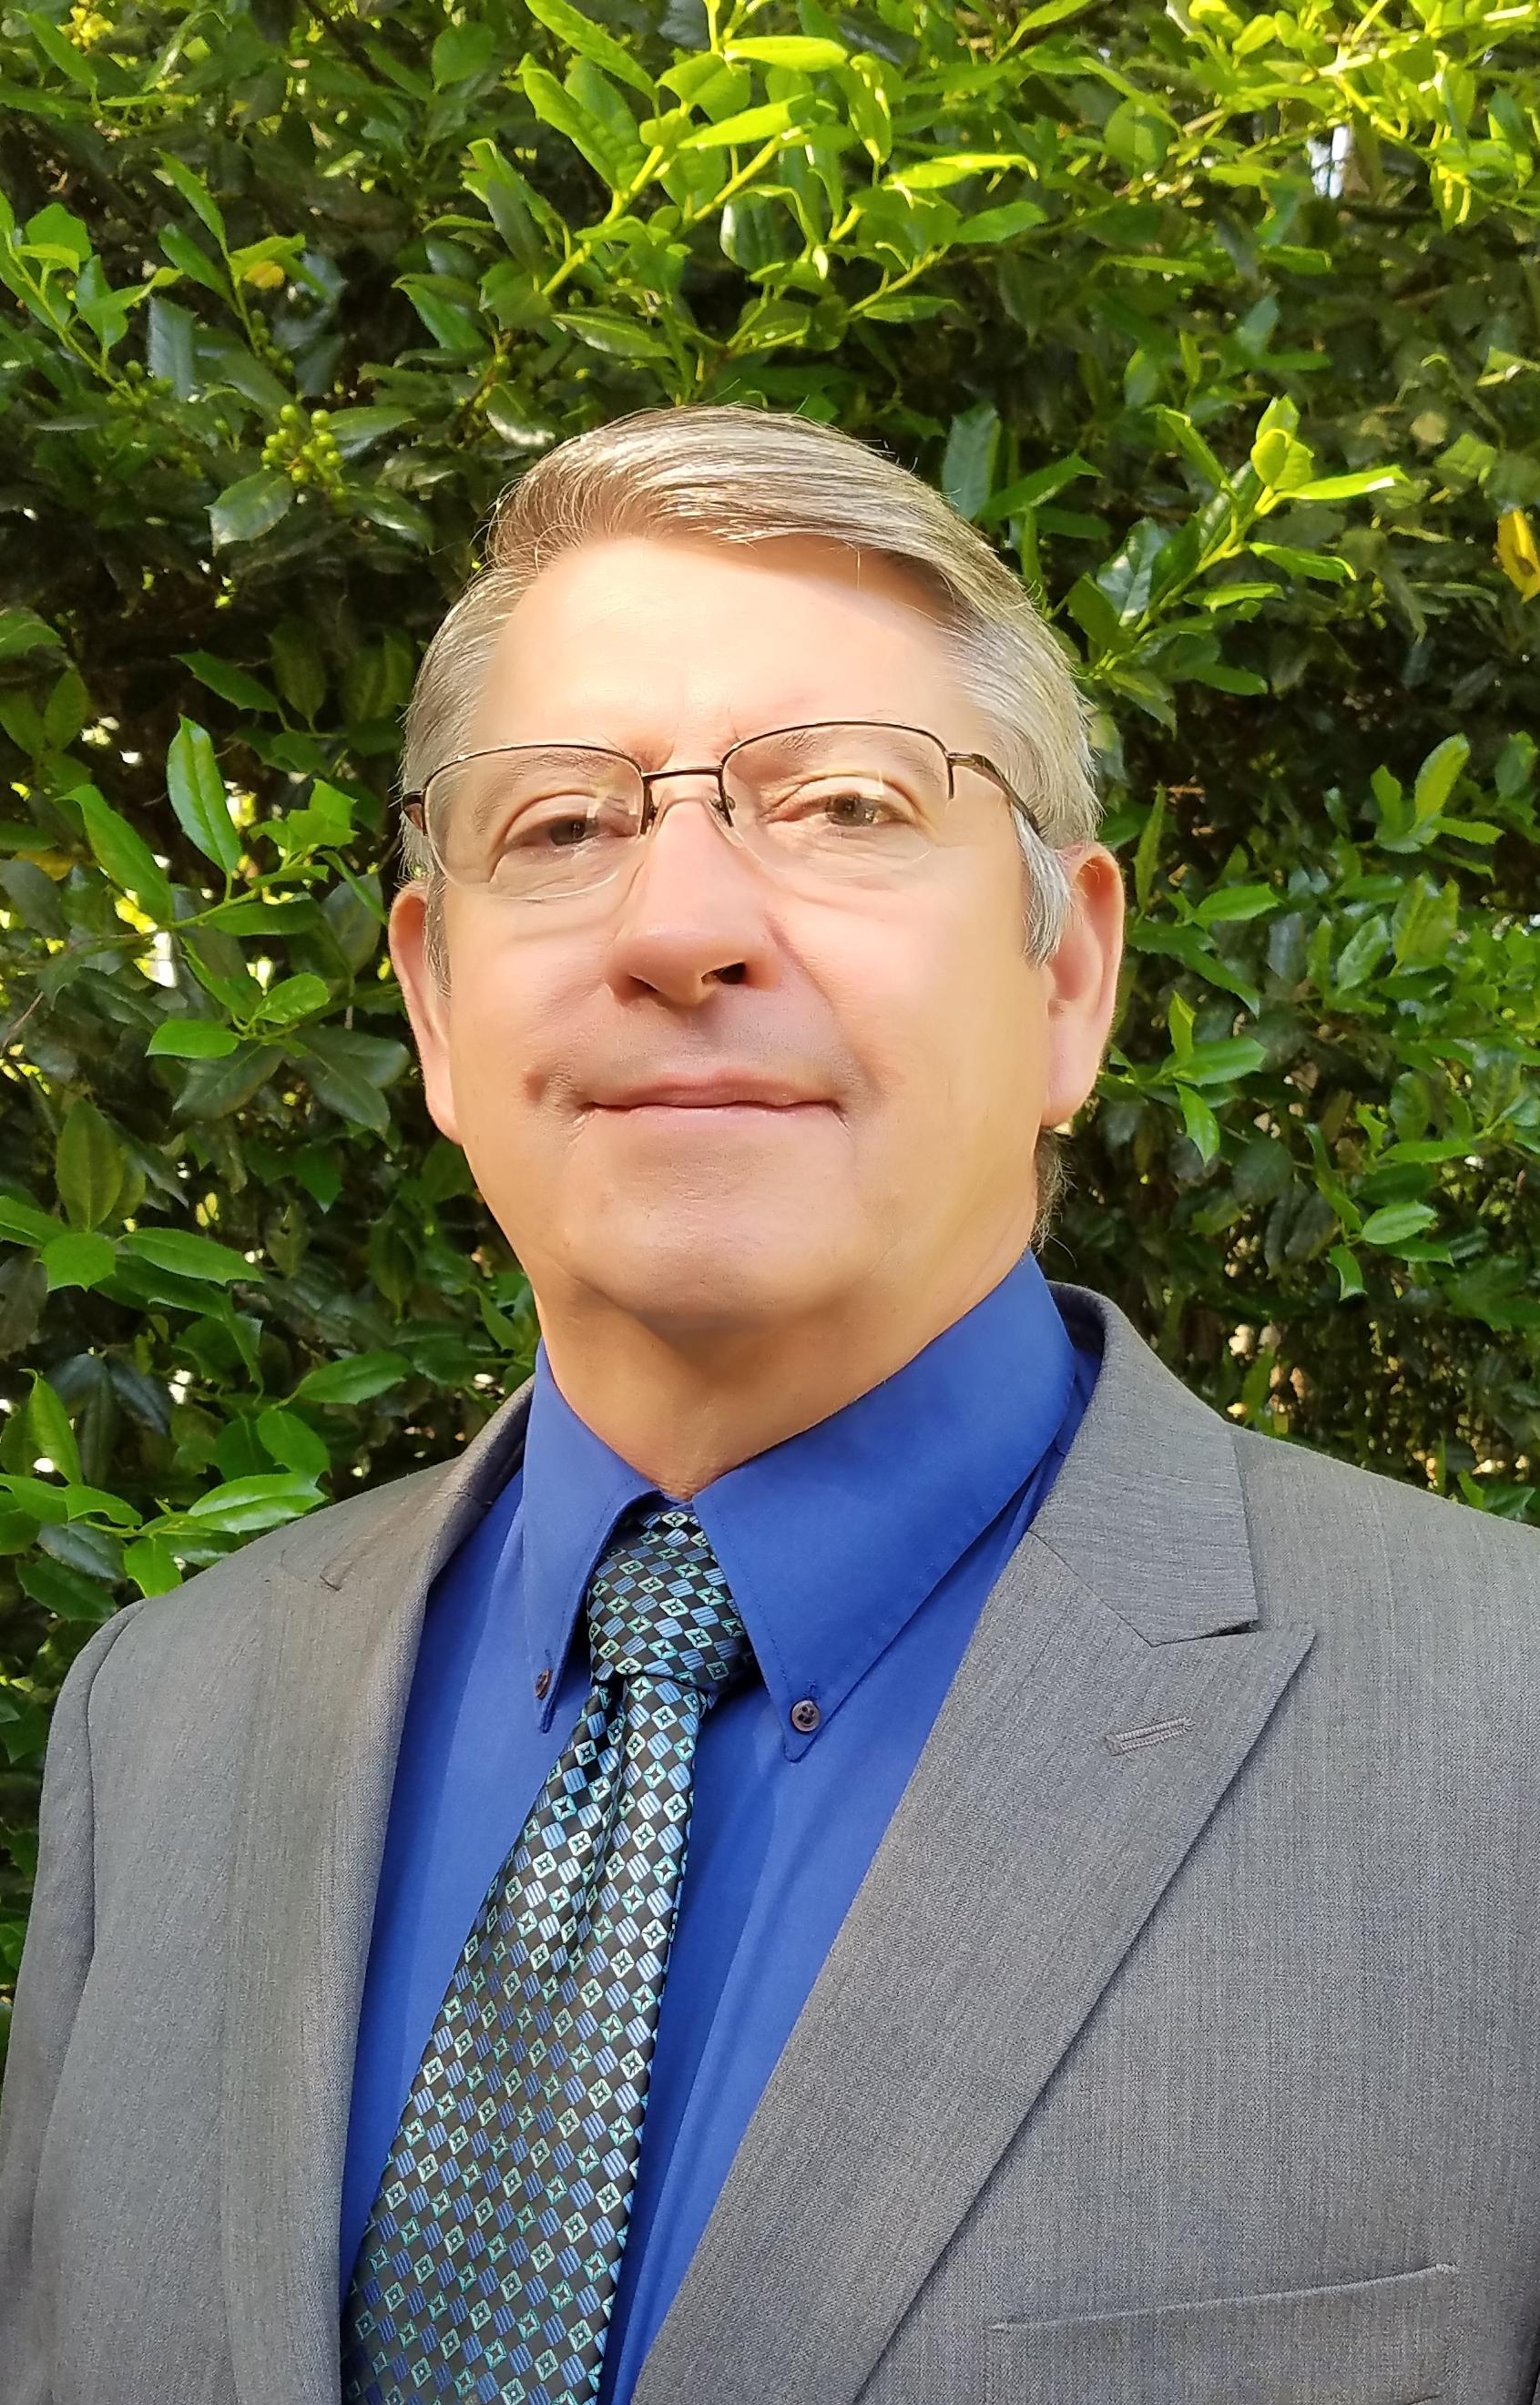 Jim Headrick